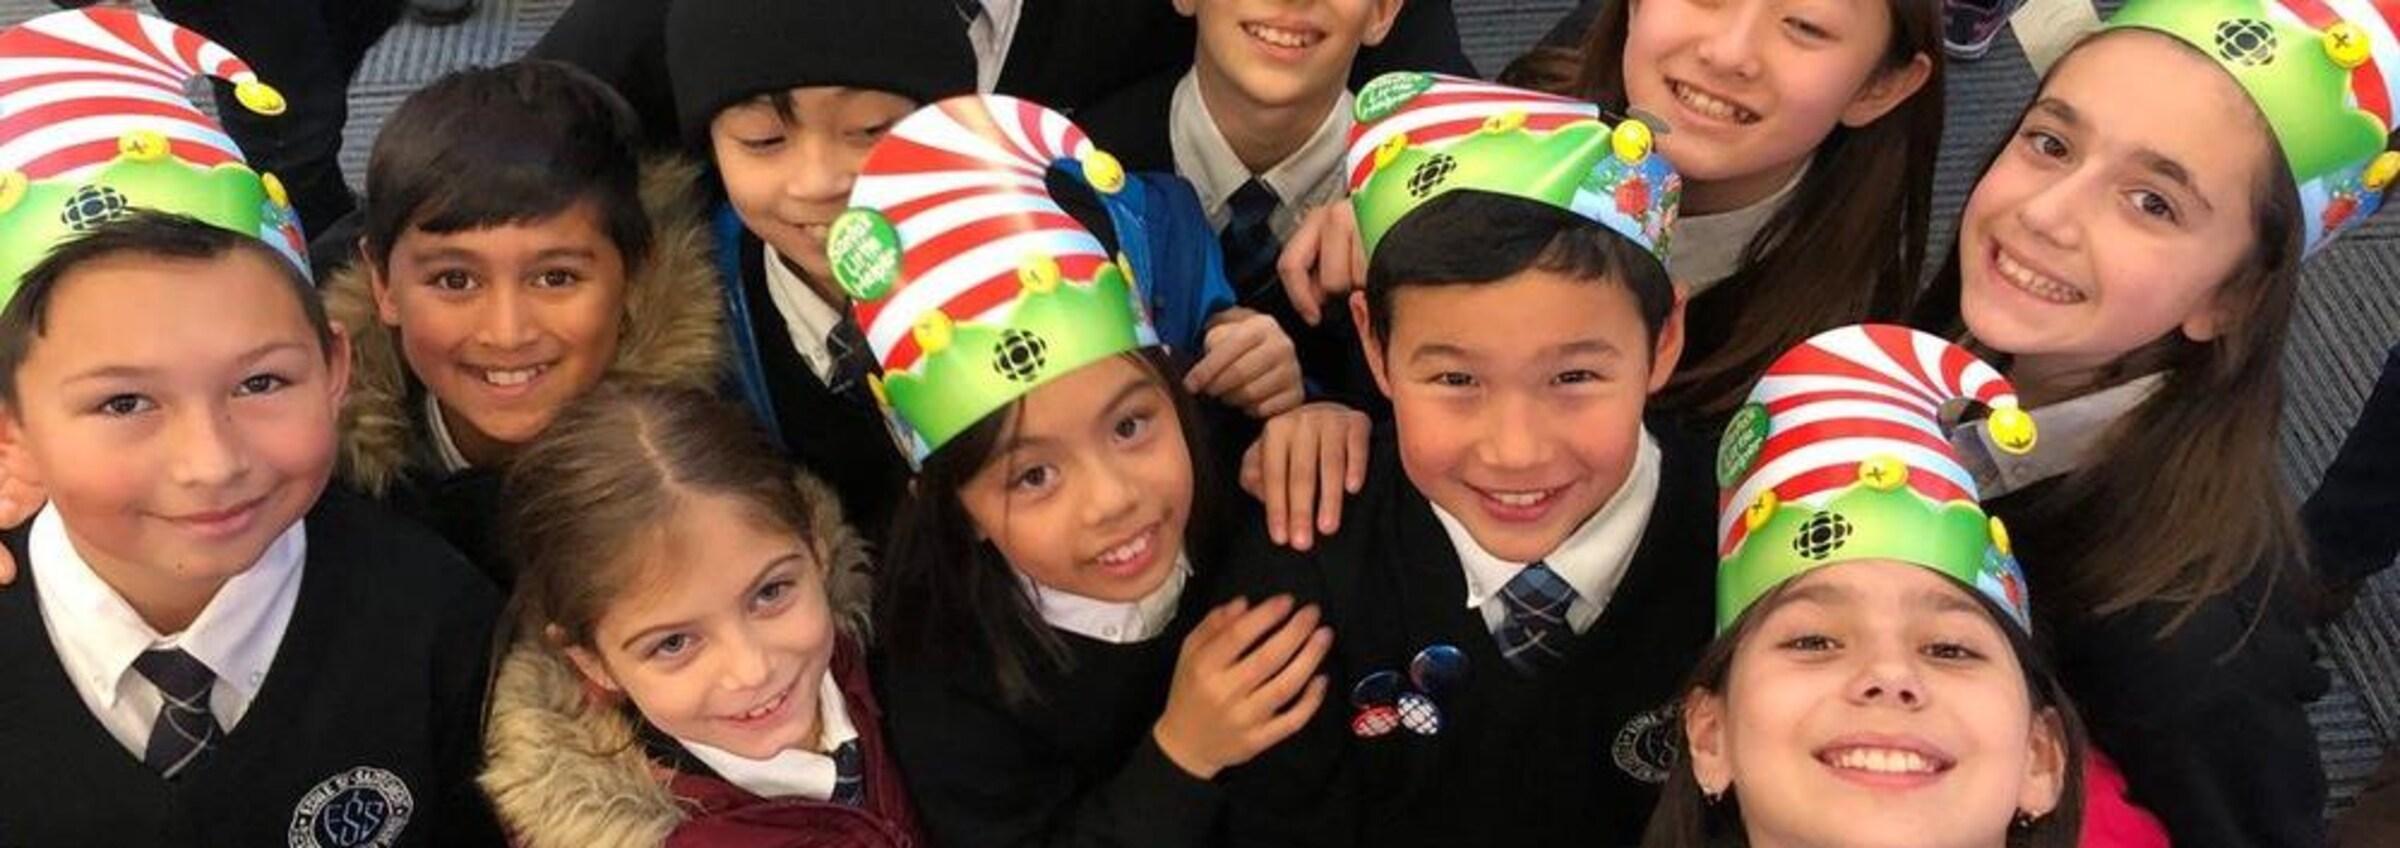 Des enfants portent des bonnets de lutin en carton avec le logo de Radio-Canada.